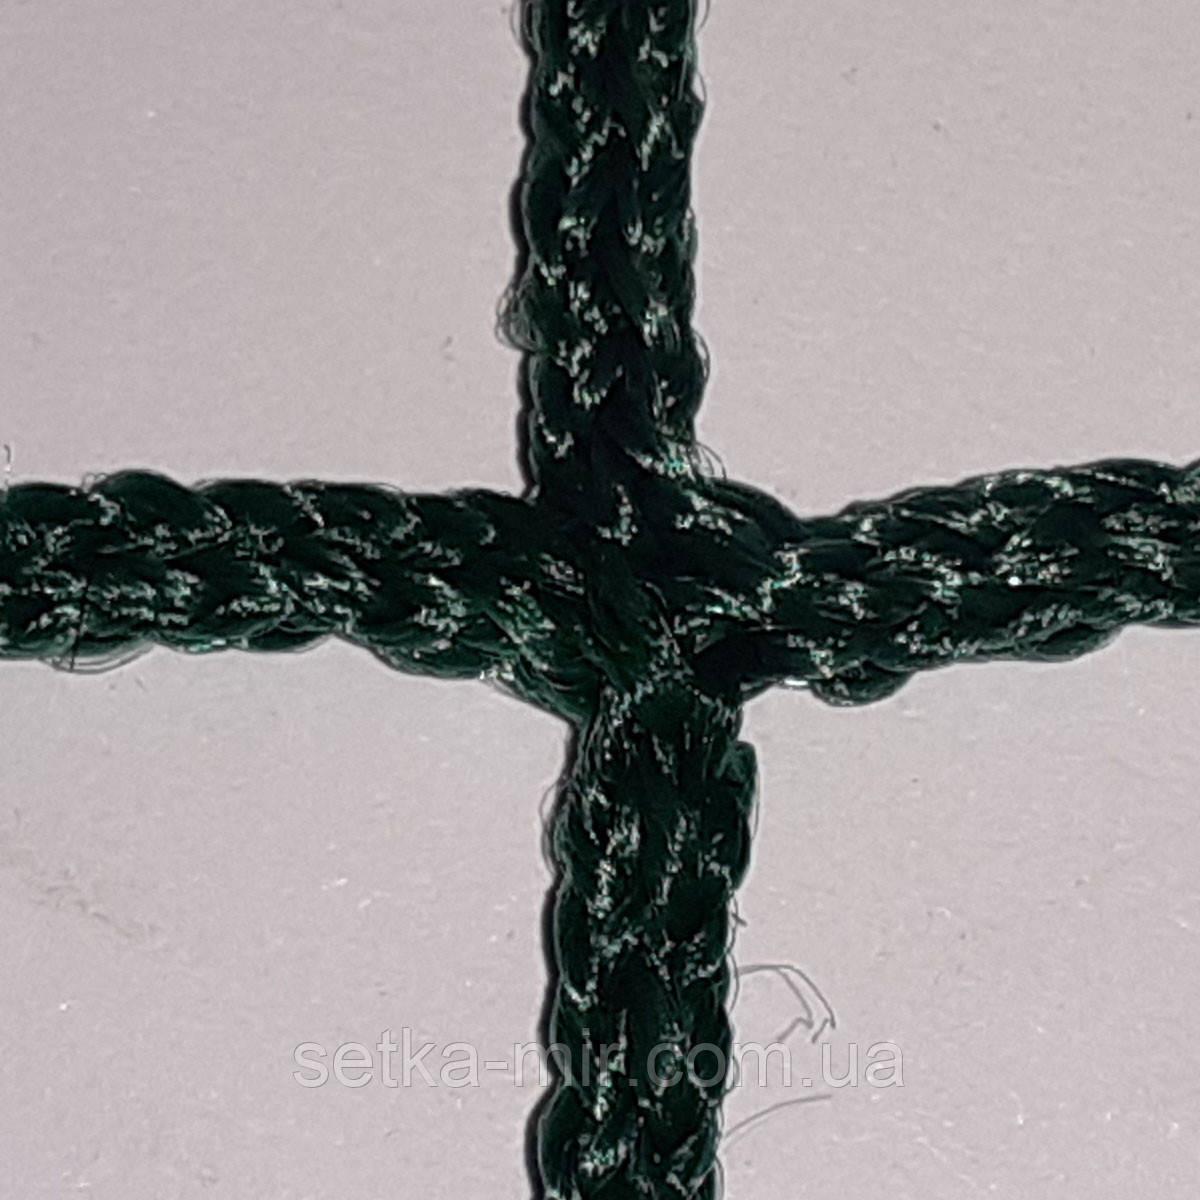 Заградительная сетка безузловая испанская, полипропилен, D – 2,3 мм, ячейка – 4,5 см, тёмно-зеленая